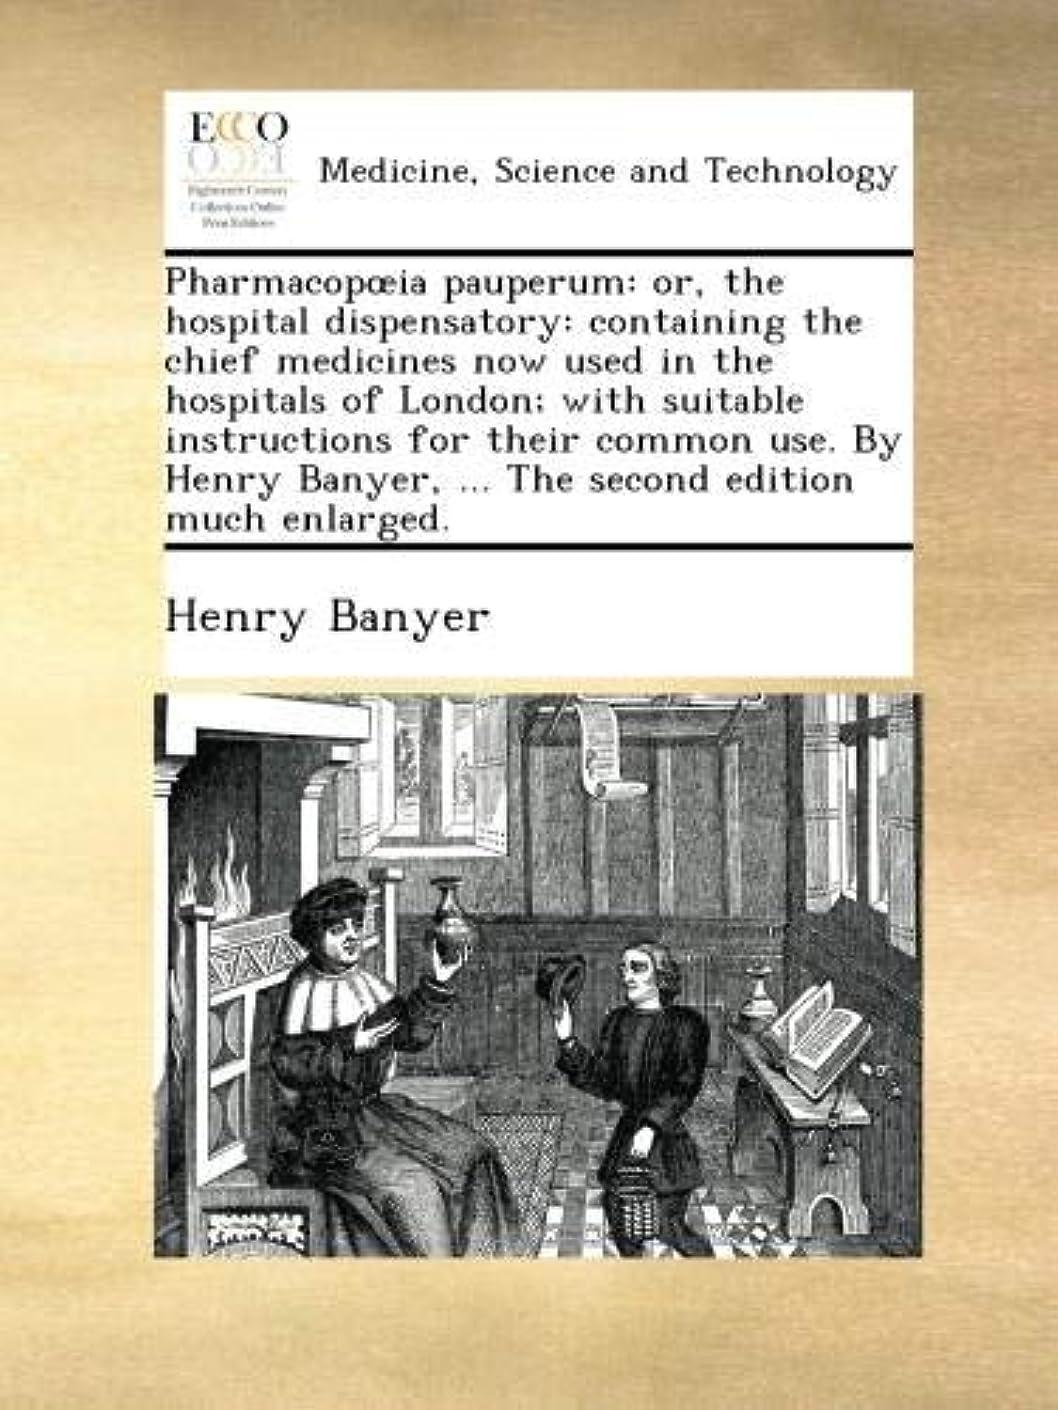 目的スリムシンカンPharmacop?ia pauperum: or, the hospital dispensatory: containing the chief medicines now used in the hospitals of London; with suitable instructions for their common use. By Henry Banyer, ... The second edition much enlarged.